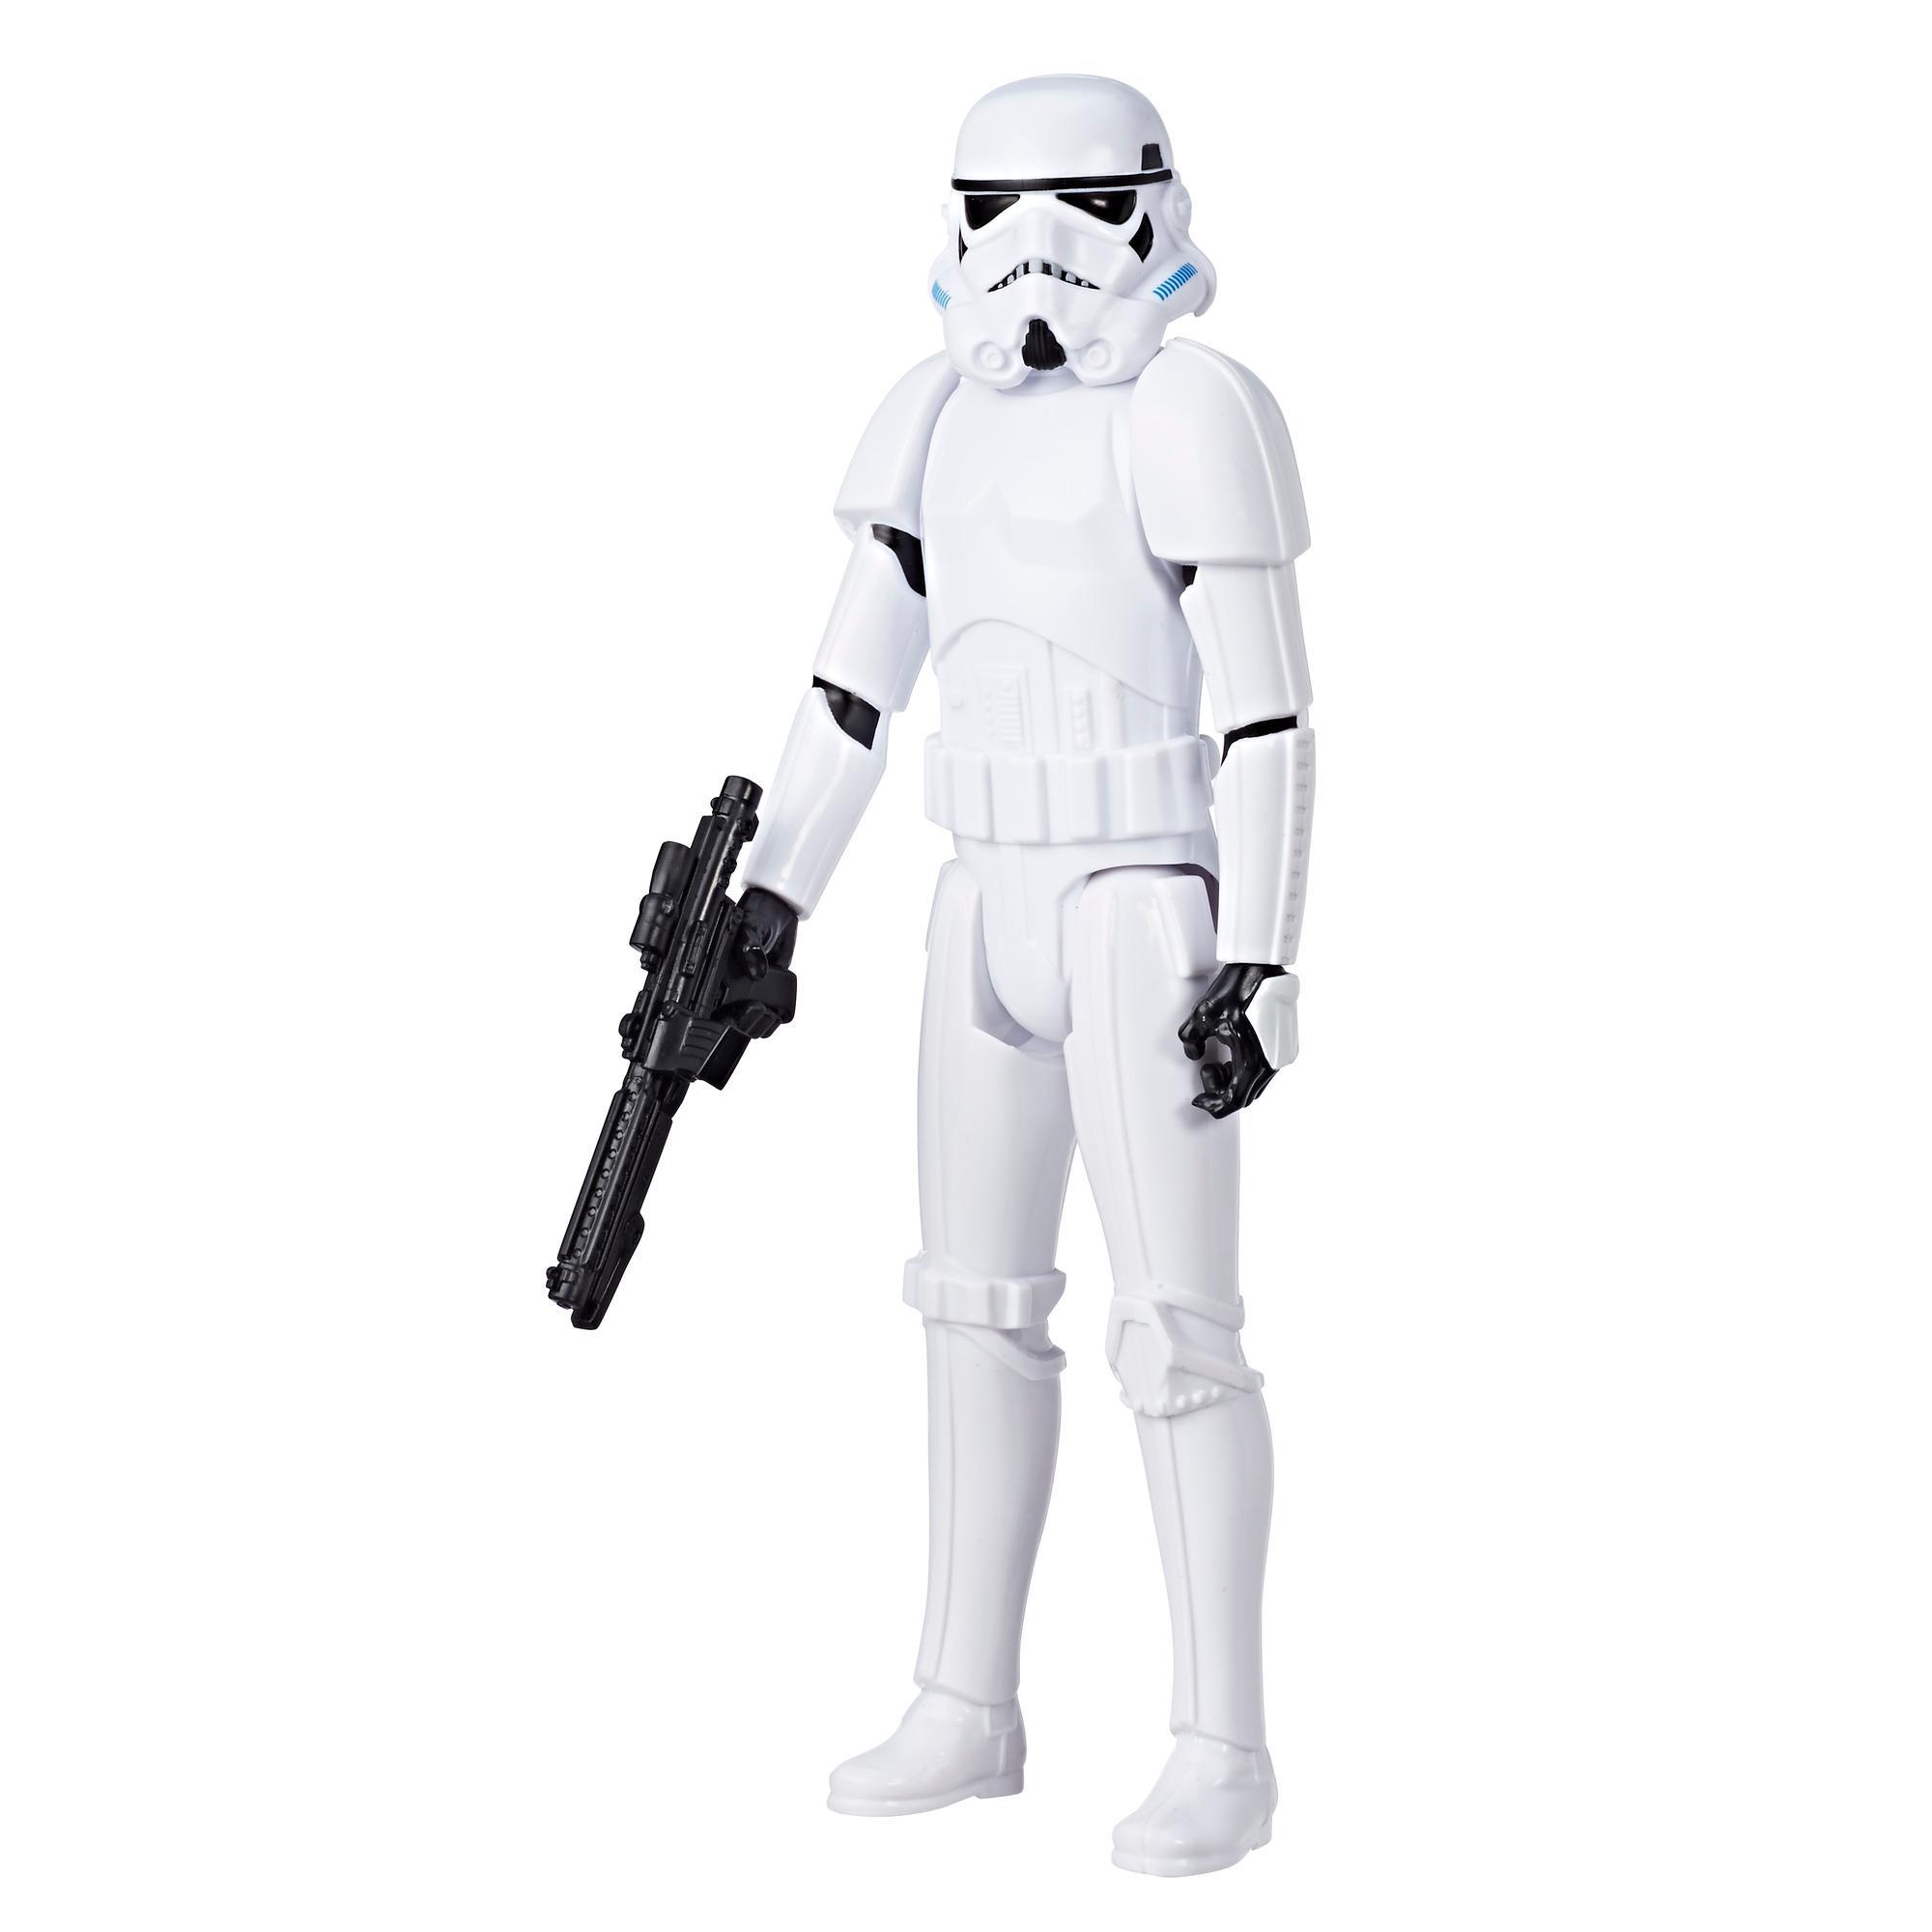 Star Wars: Rogue One - Figura de Imperial Stormtrooper de 30 cm